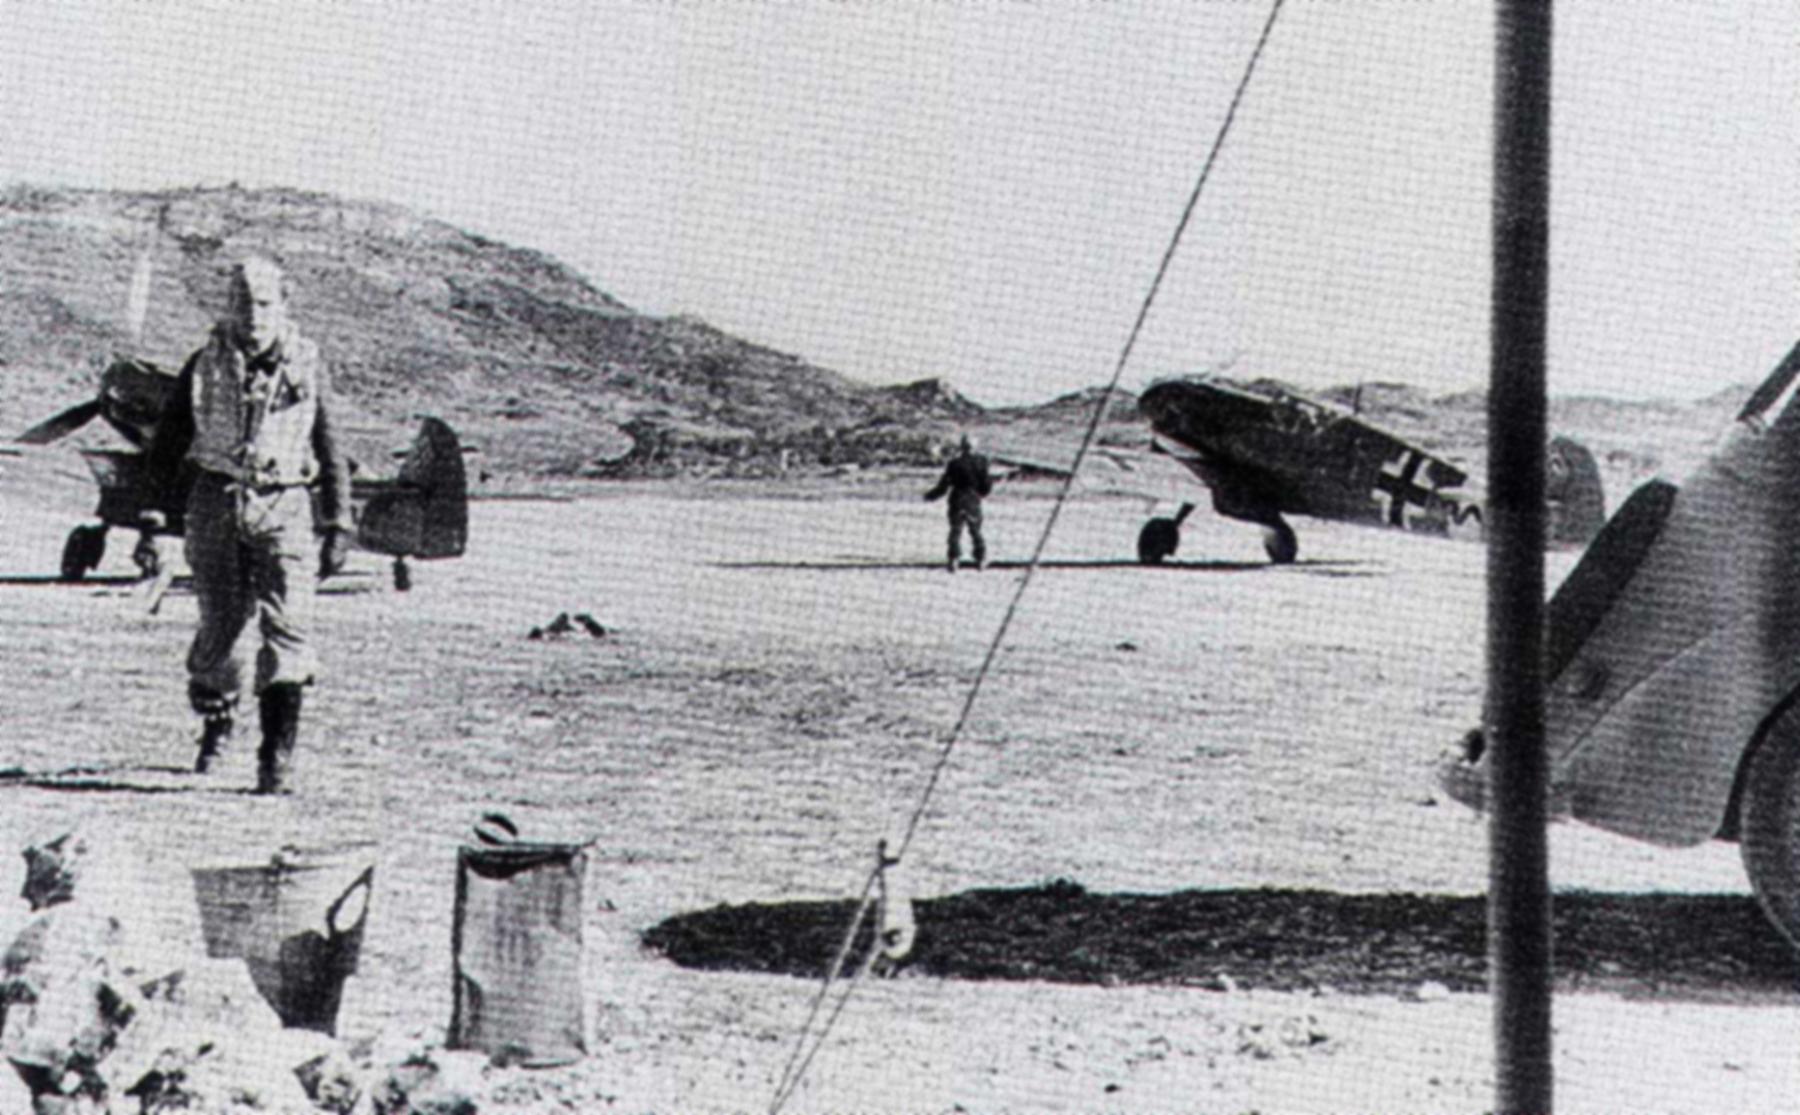 Messerschmitt Bf 109F4Trop 8.JG27 Red 6 Gadurra AF Rhodes Greece Feb 1943 01